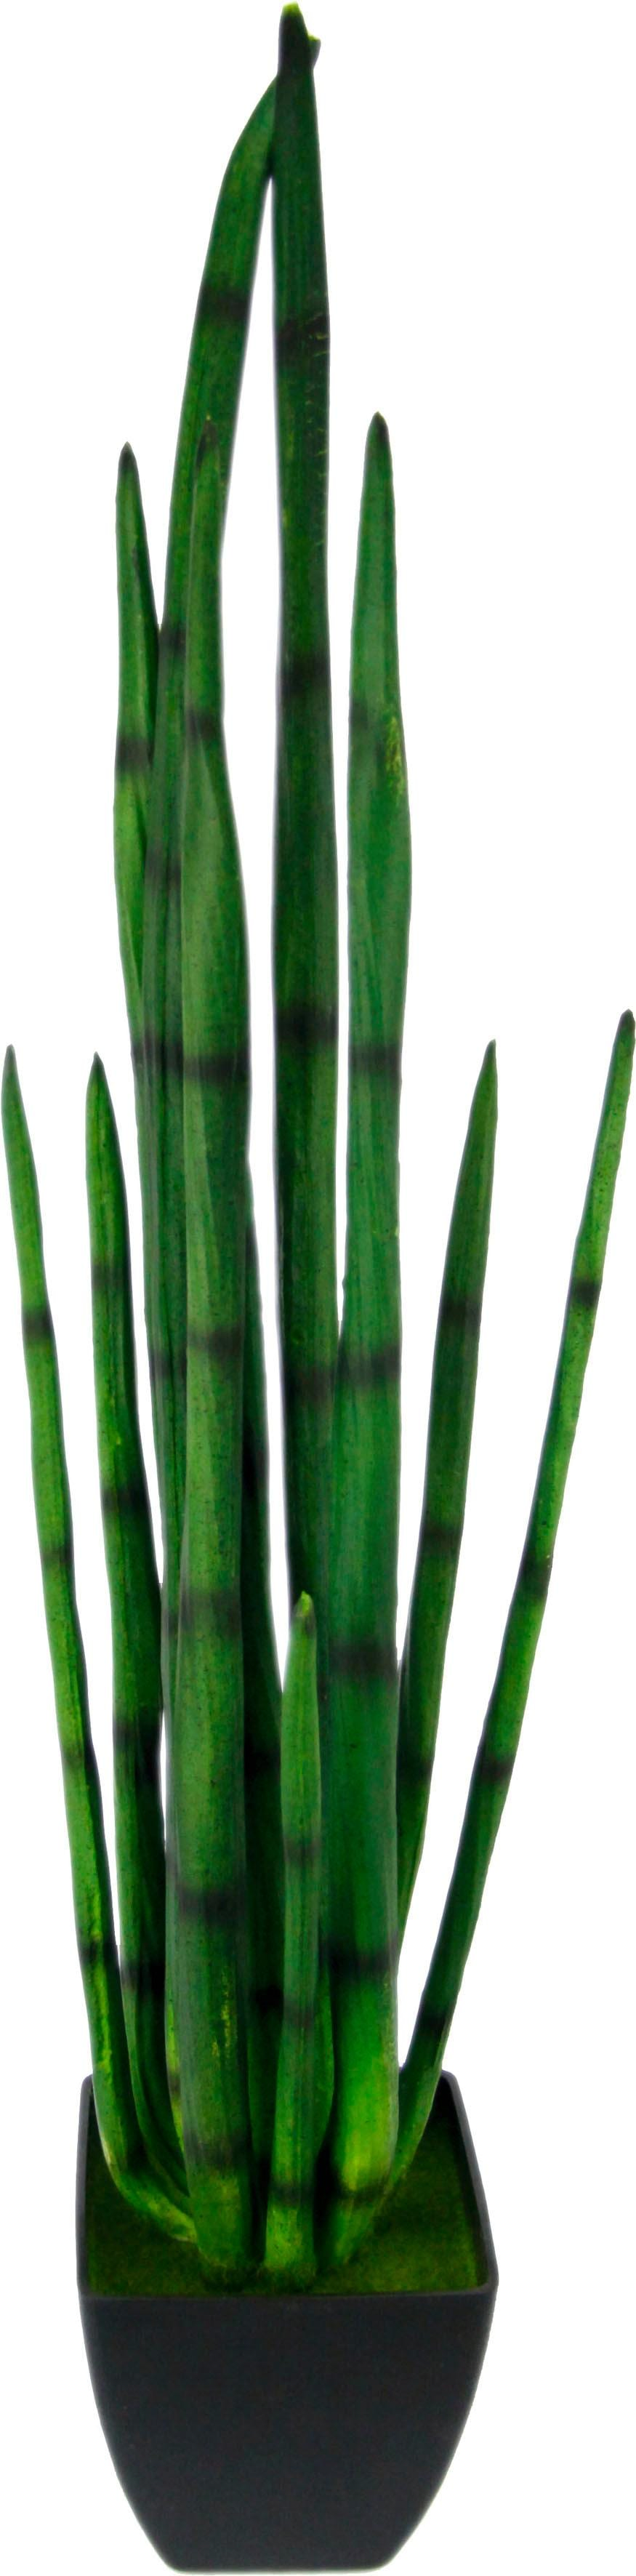 Kunstpflanze Aloe im Topf   Dekoration > Dekopflanzen > Kunstpflanzen   Grün